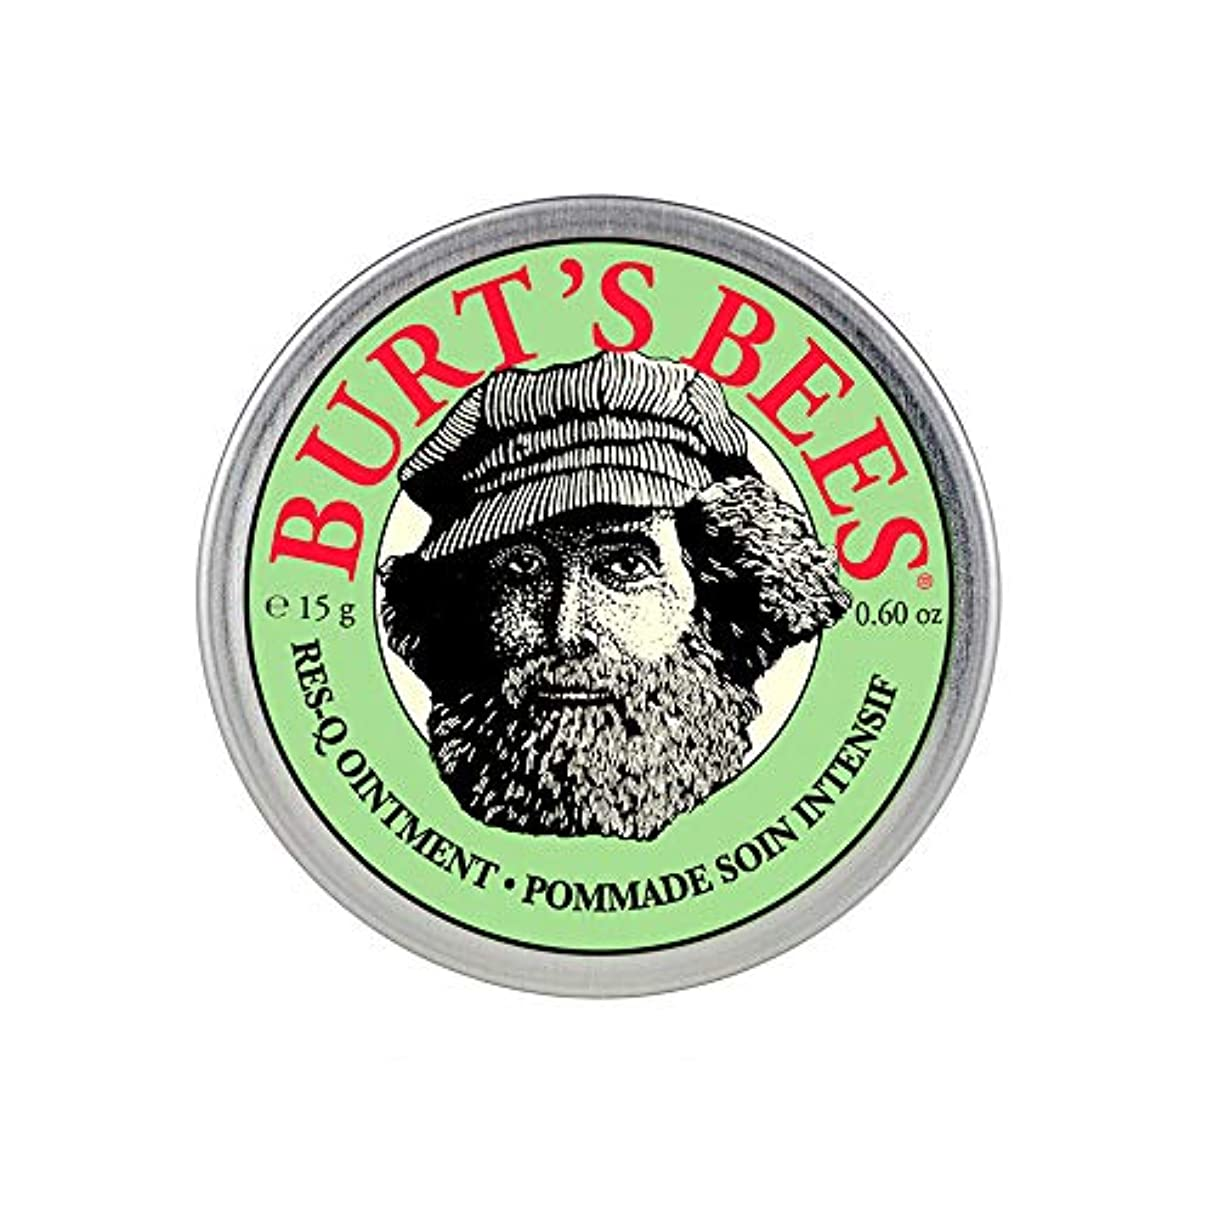 イタリアの刑務所戦艦バーツビーズ(Burt's Bees) レスキュー オイントメント 15g [100%ナチュラル、軟膏] [海外直送][並行輸入品]